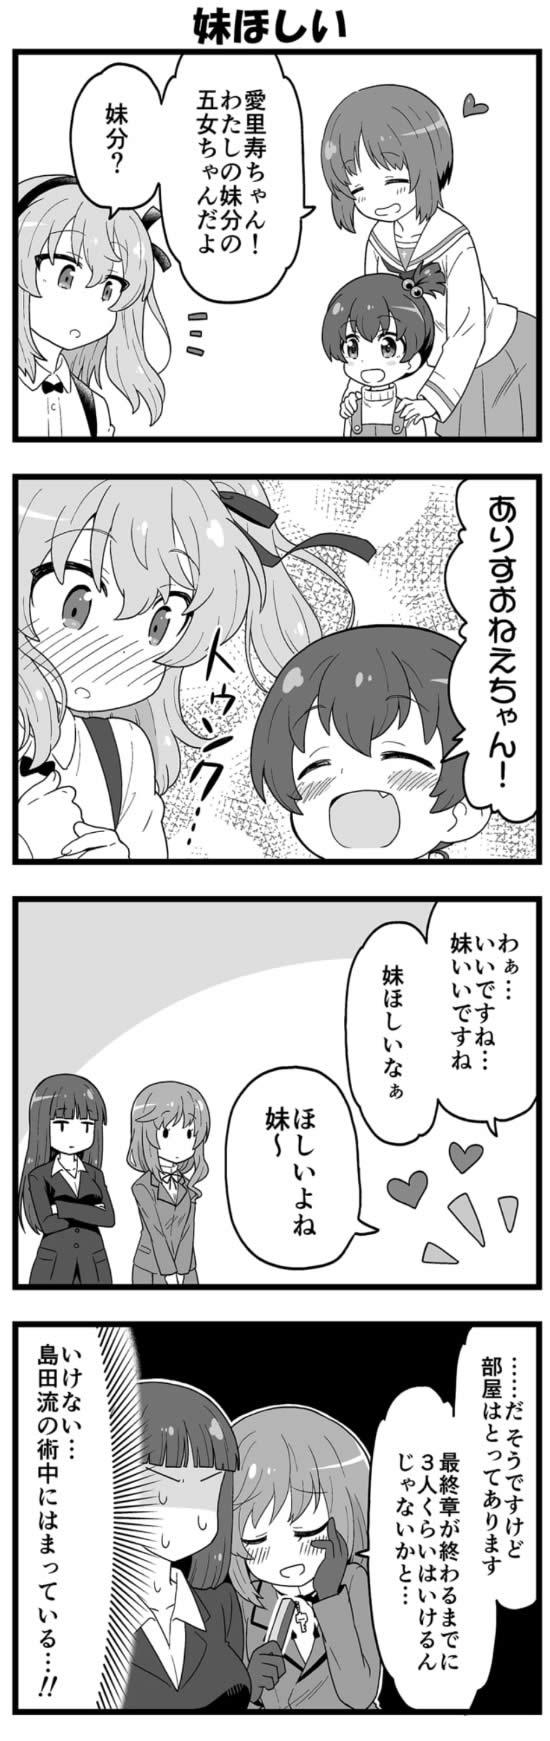 ガールズ&パンツァー 島田愛里寿 西住みほ 河嶋妹 妹ほしい 漫画